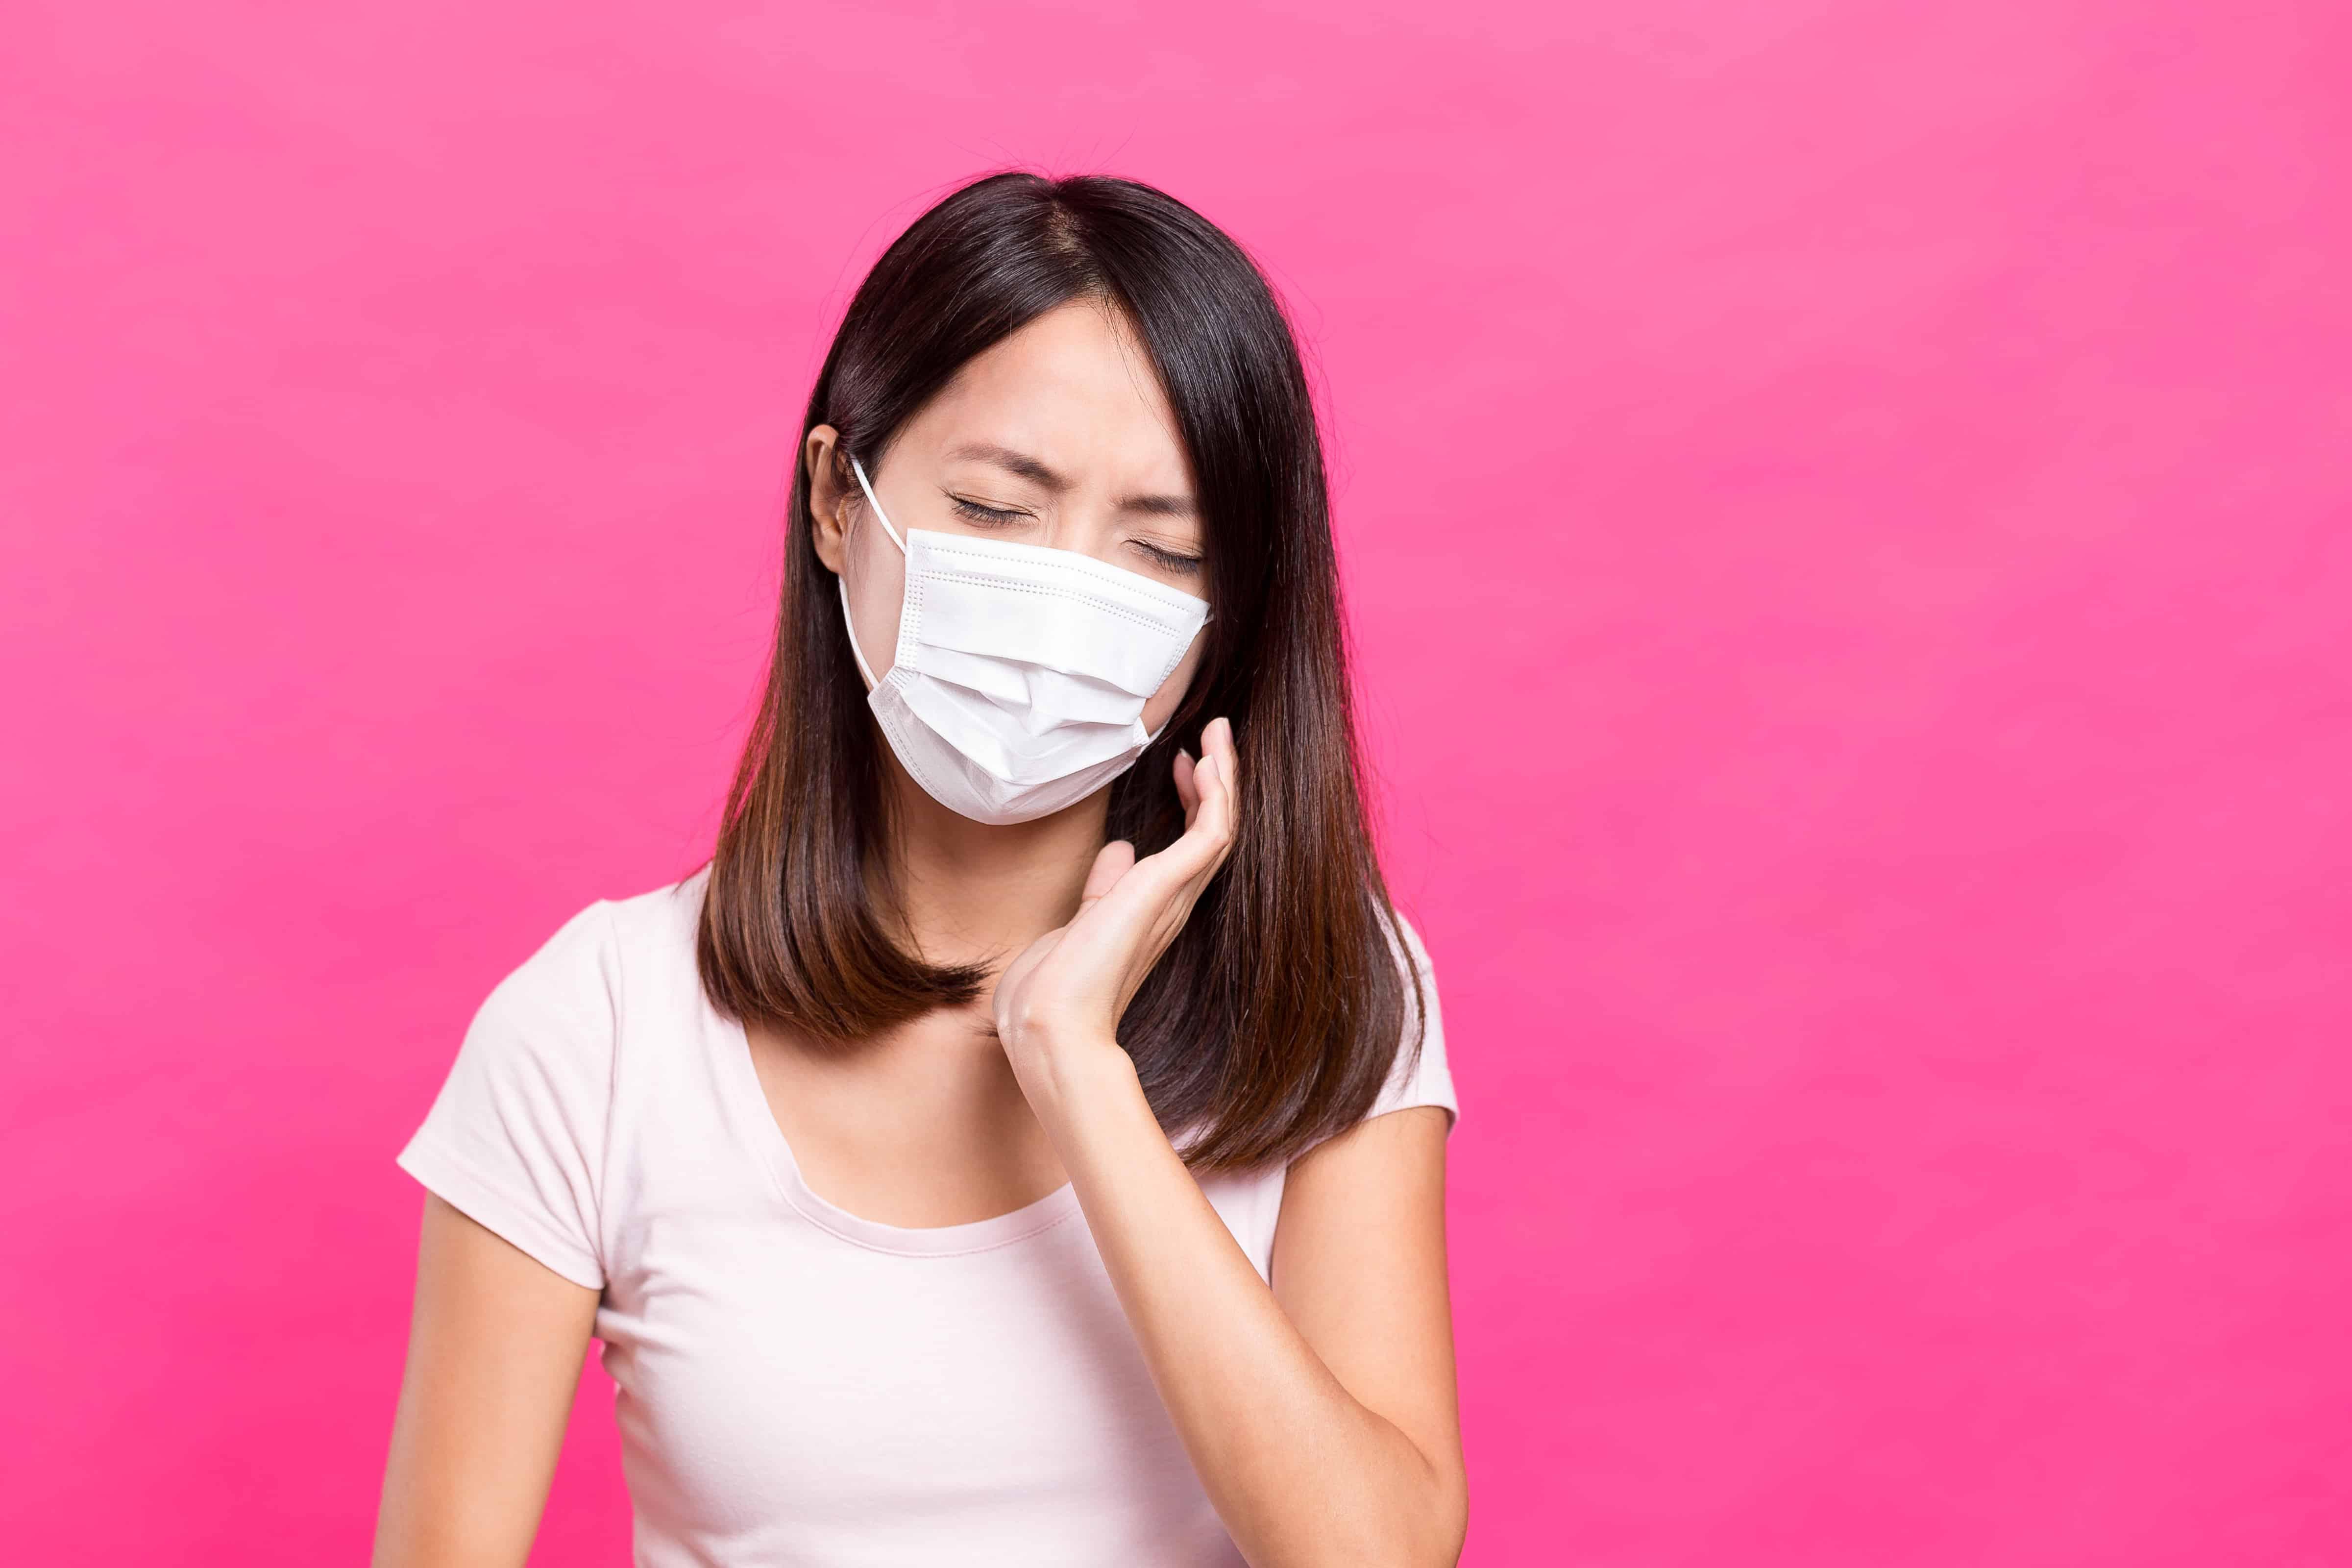 【牙周病、蛀牙】牙痛慘過大病 牙齒問題成因多 世界口腔健康日:好好保護32顆牙齒 0蛀牙